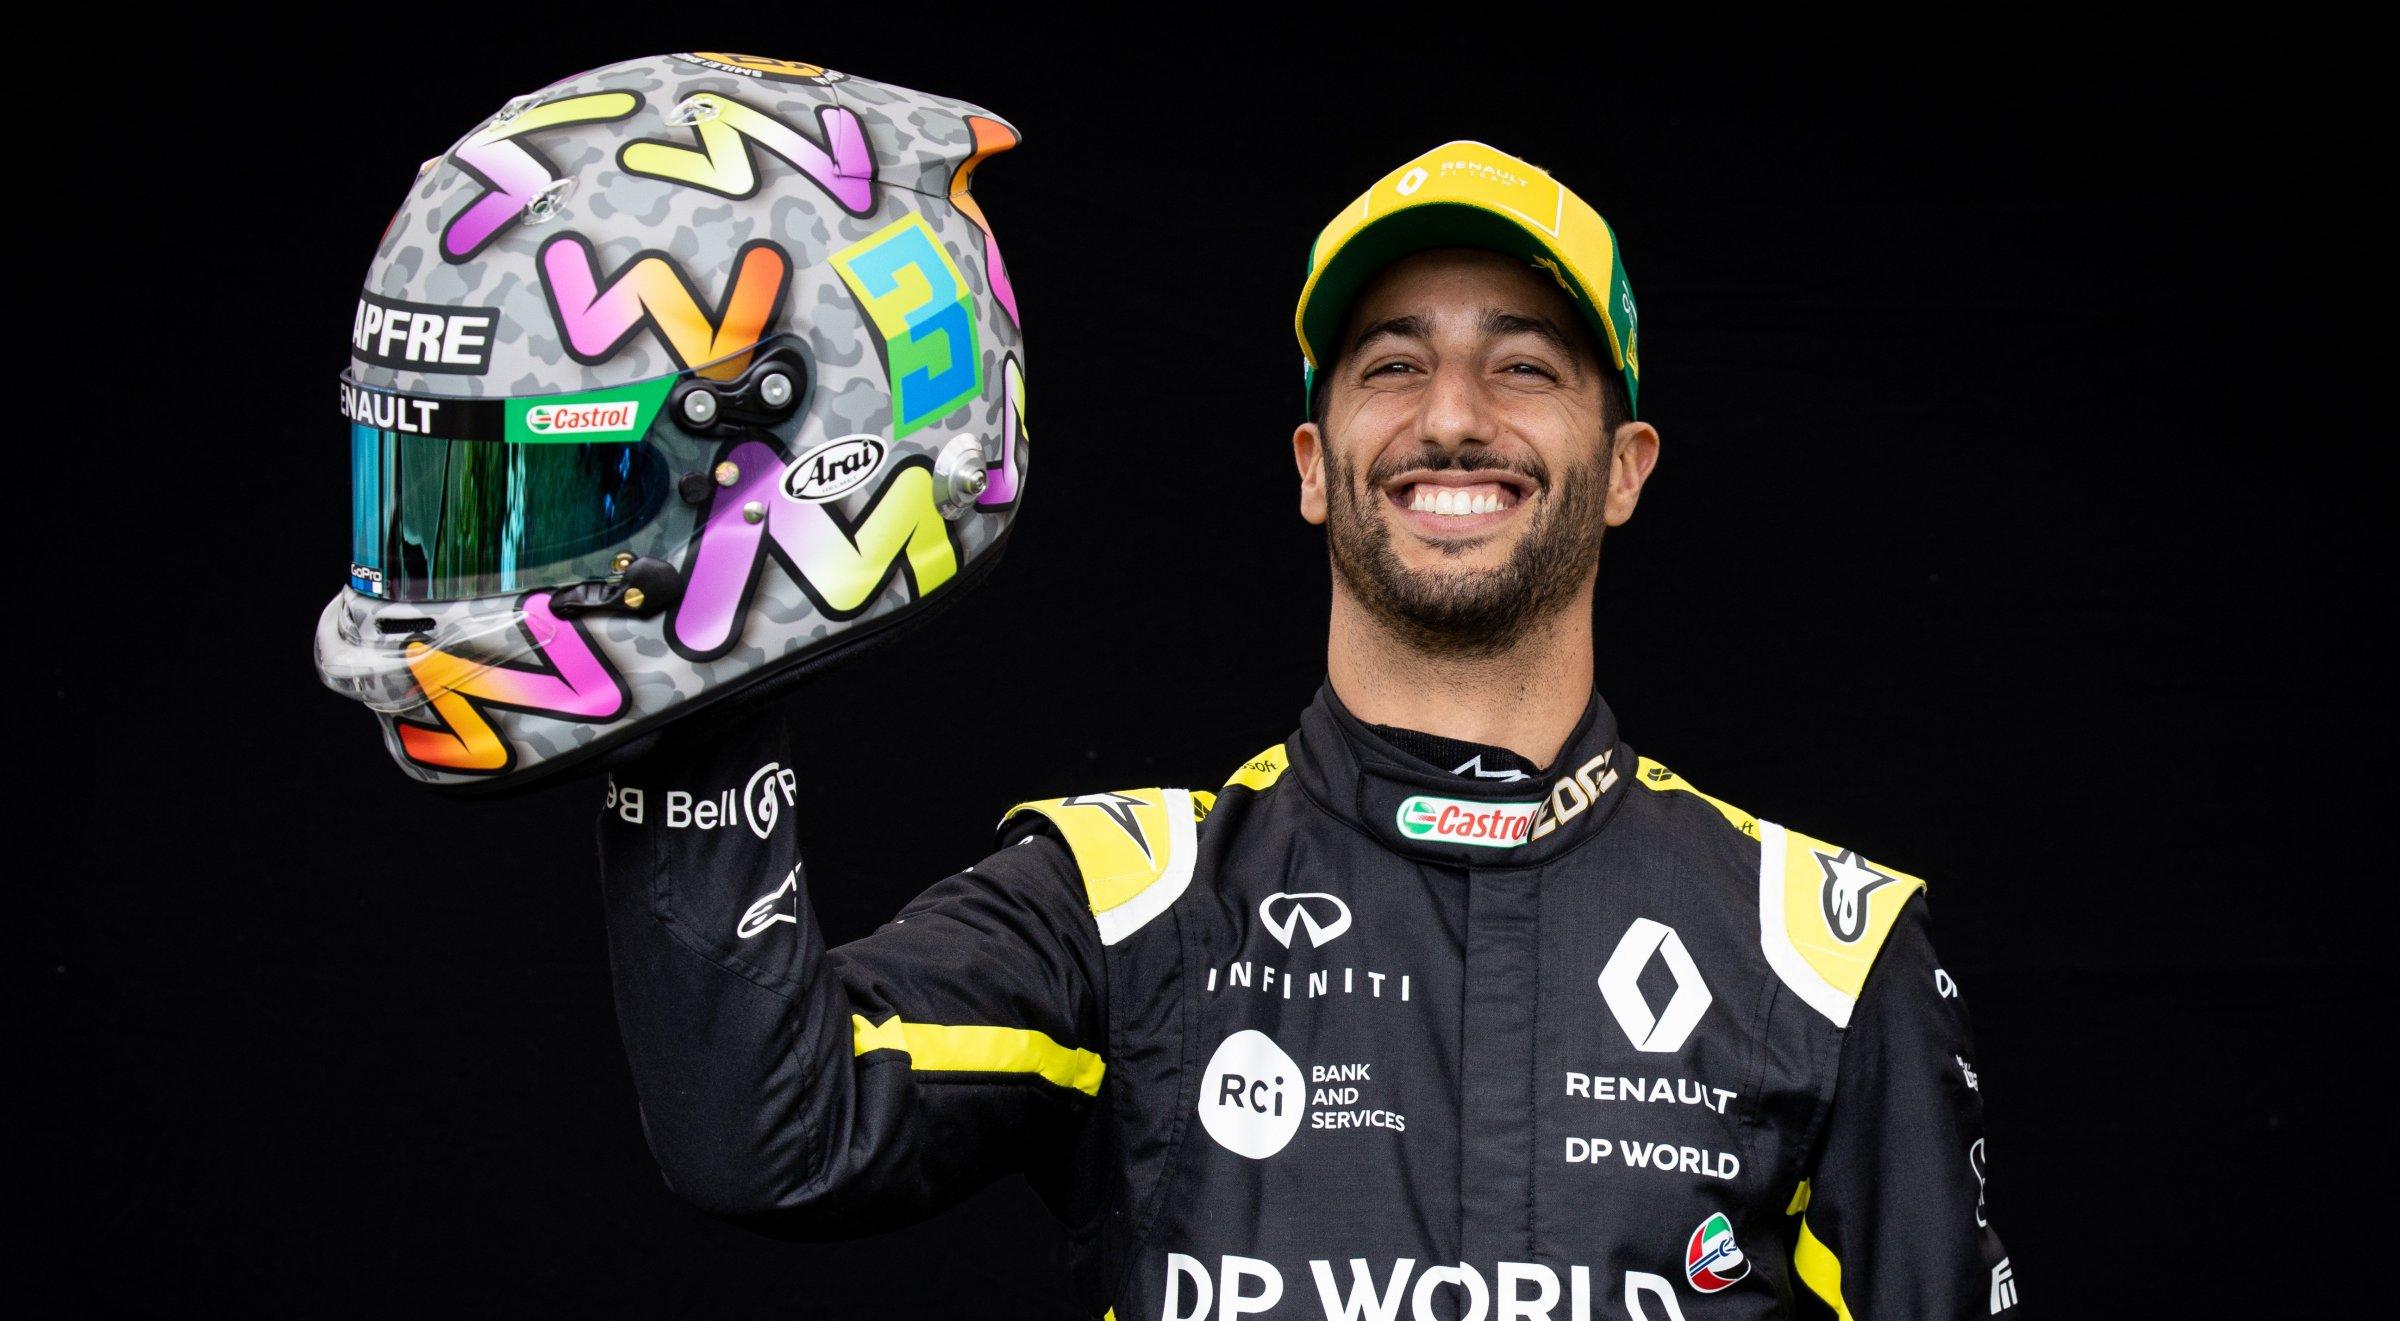 D. Ricciardo ir jo naujasis šalmas